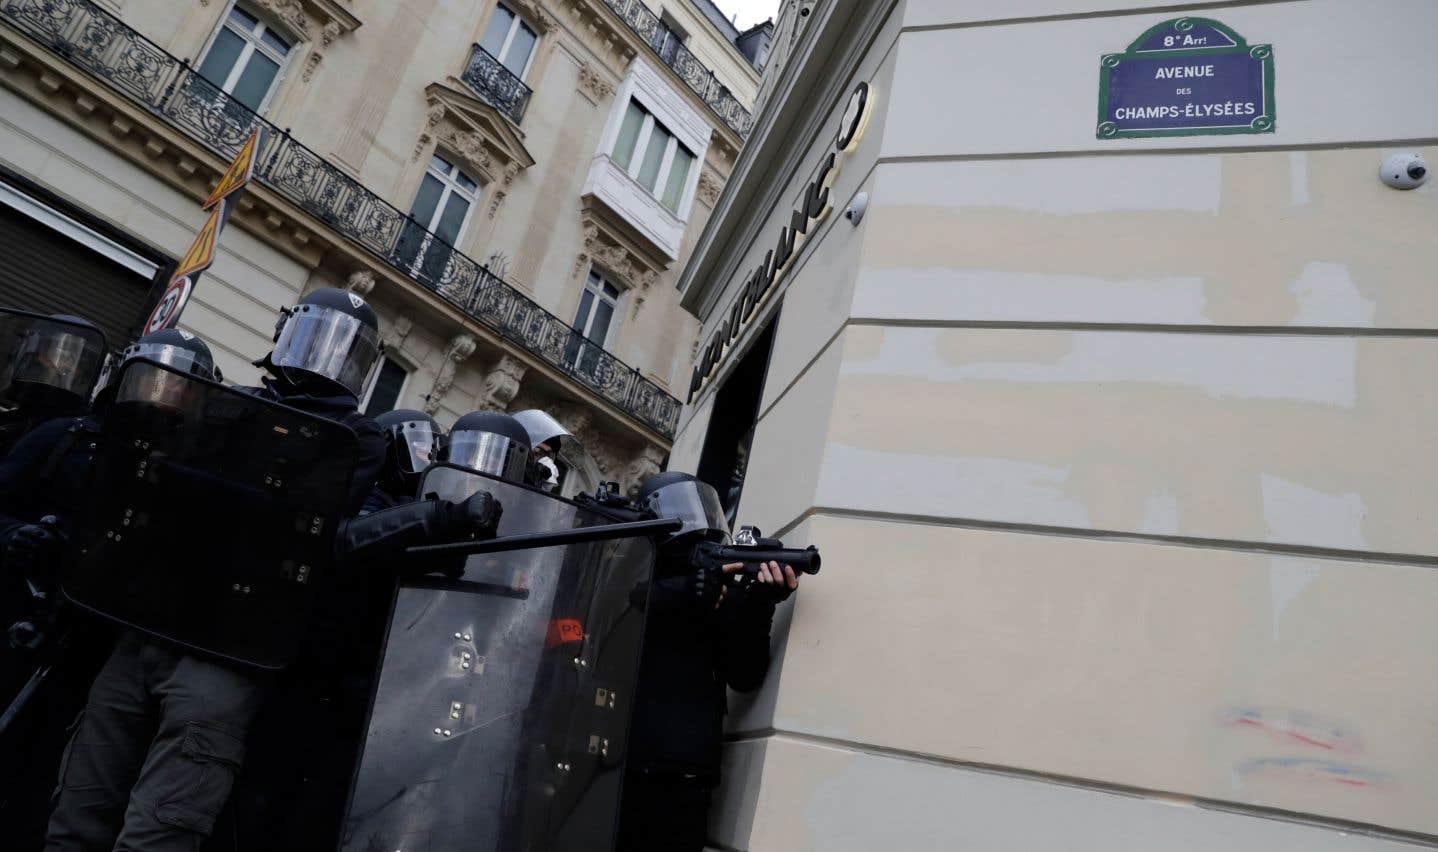 Des policiers anti-émeute sur l'avenue des Champs-Élysées, à Paris.